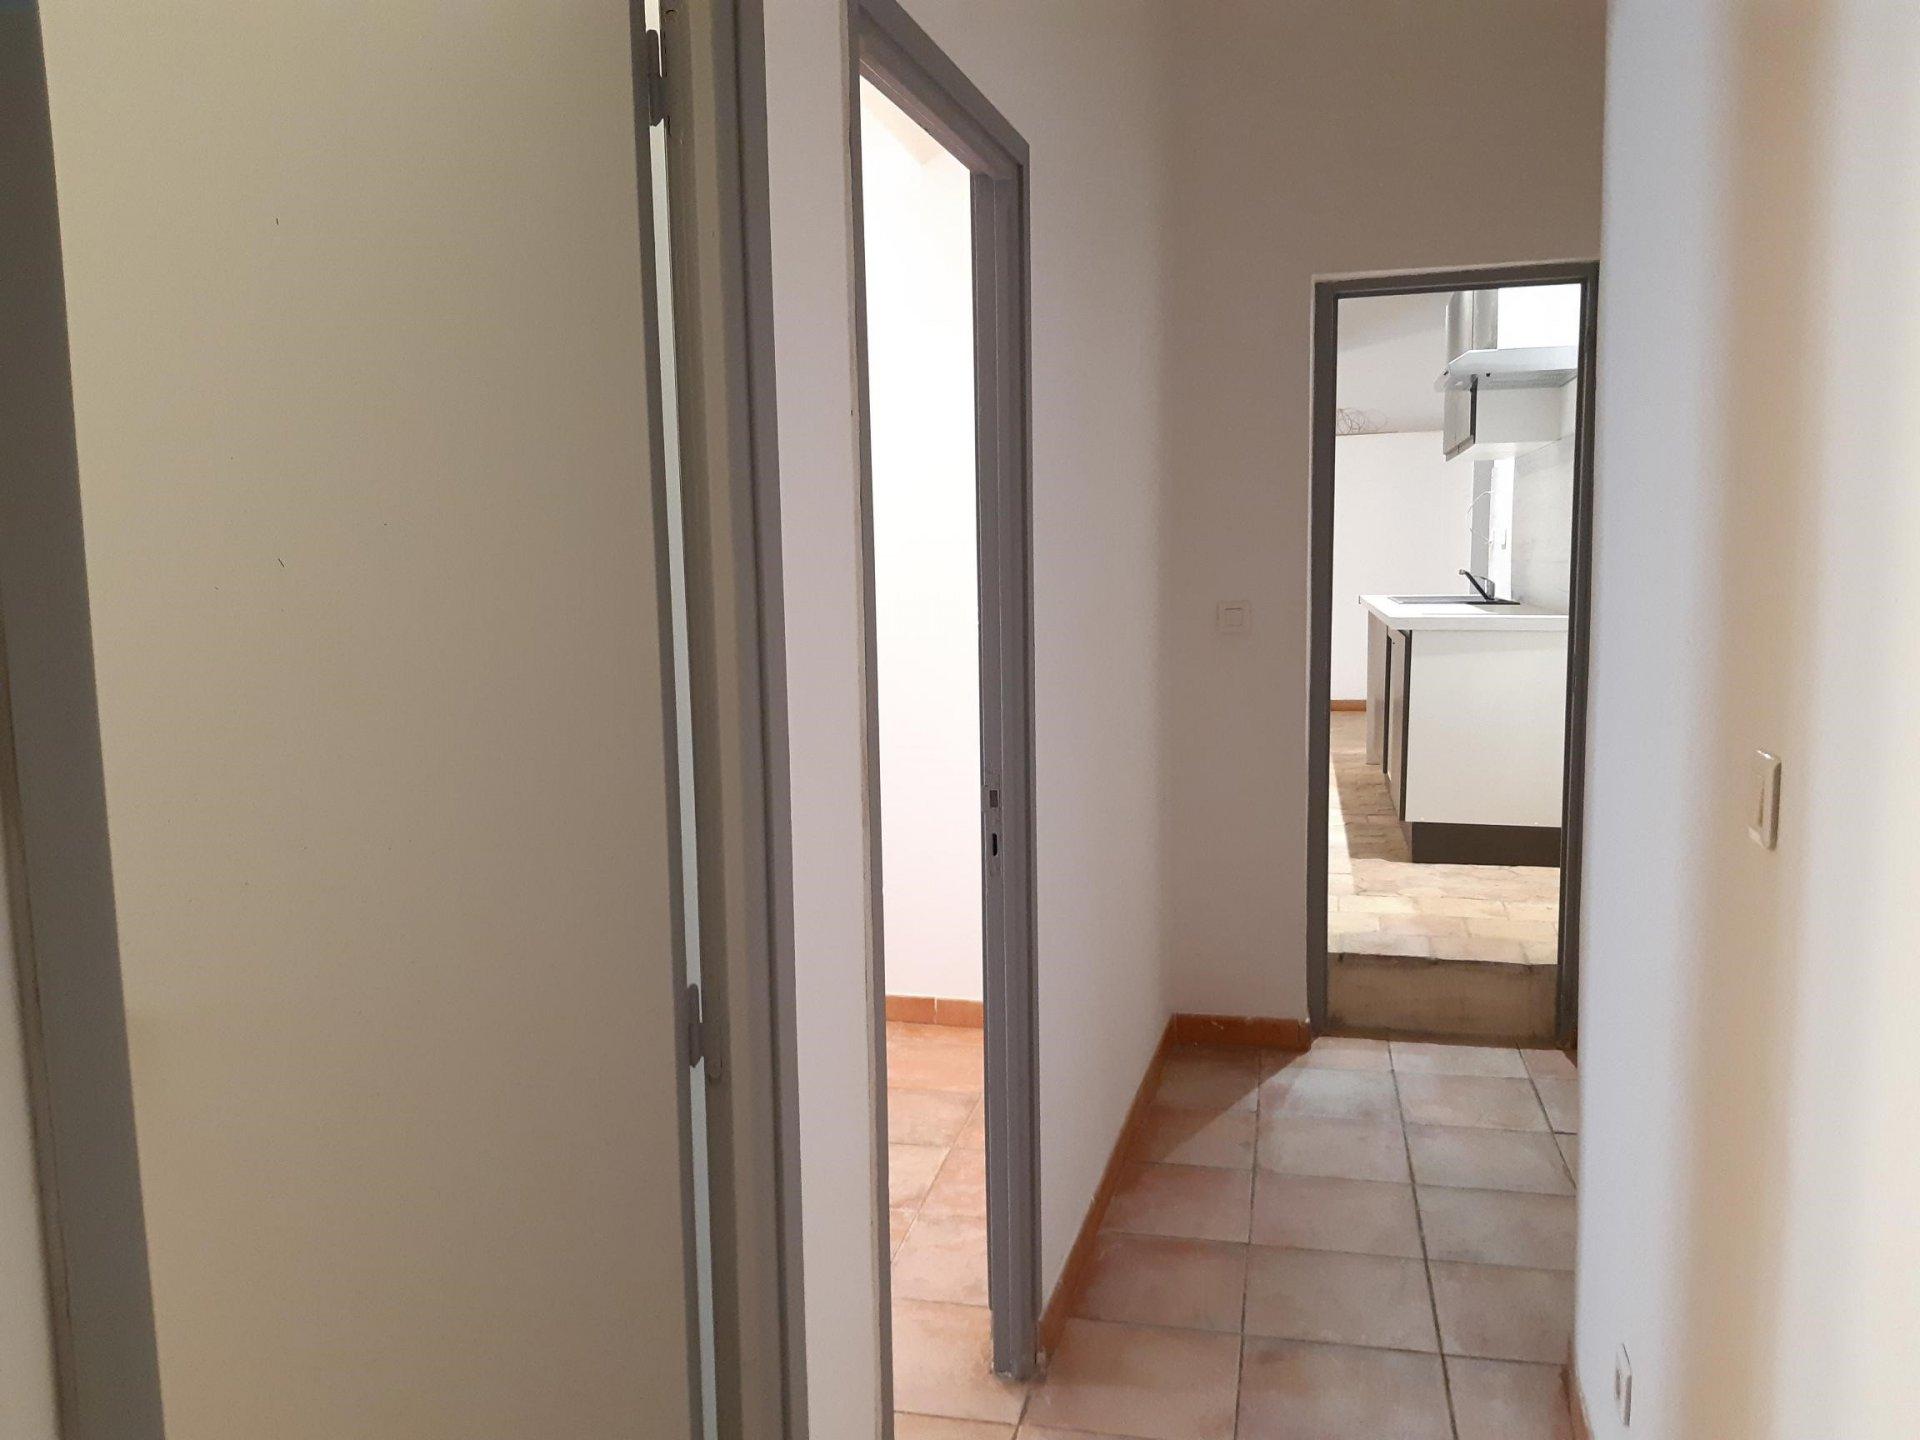 Location Appartement BEAUCAIRE surface habitable de 60 m²